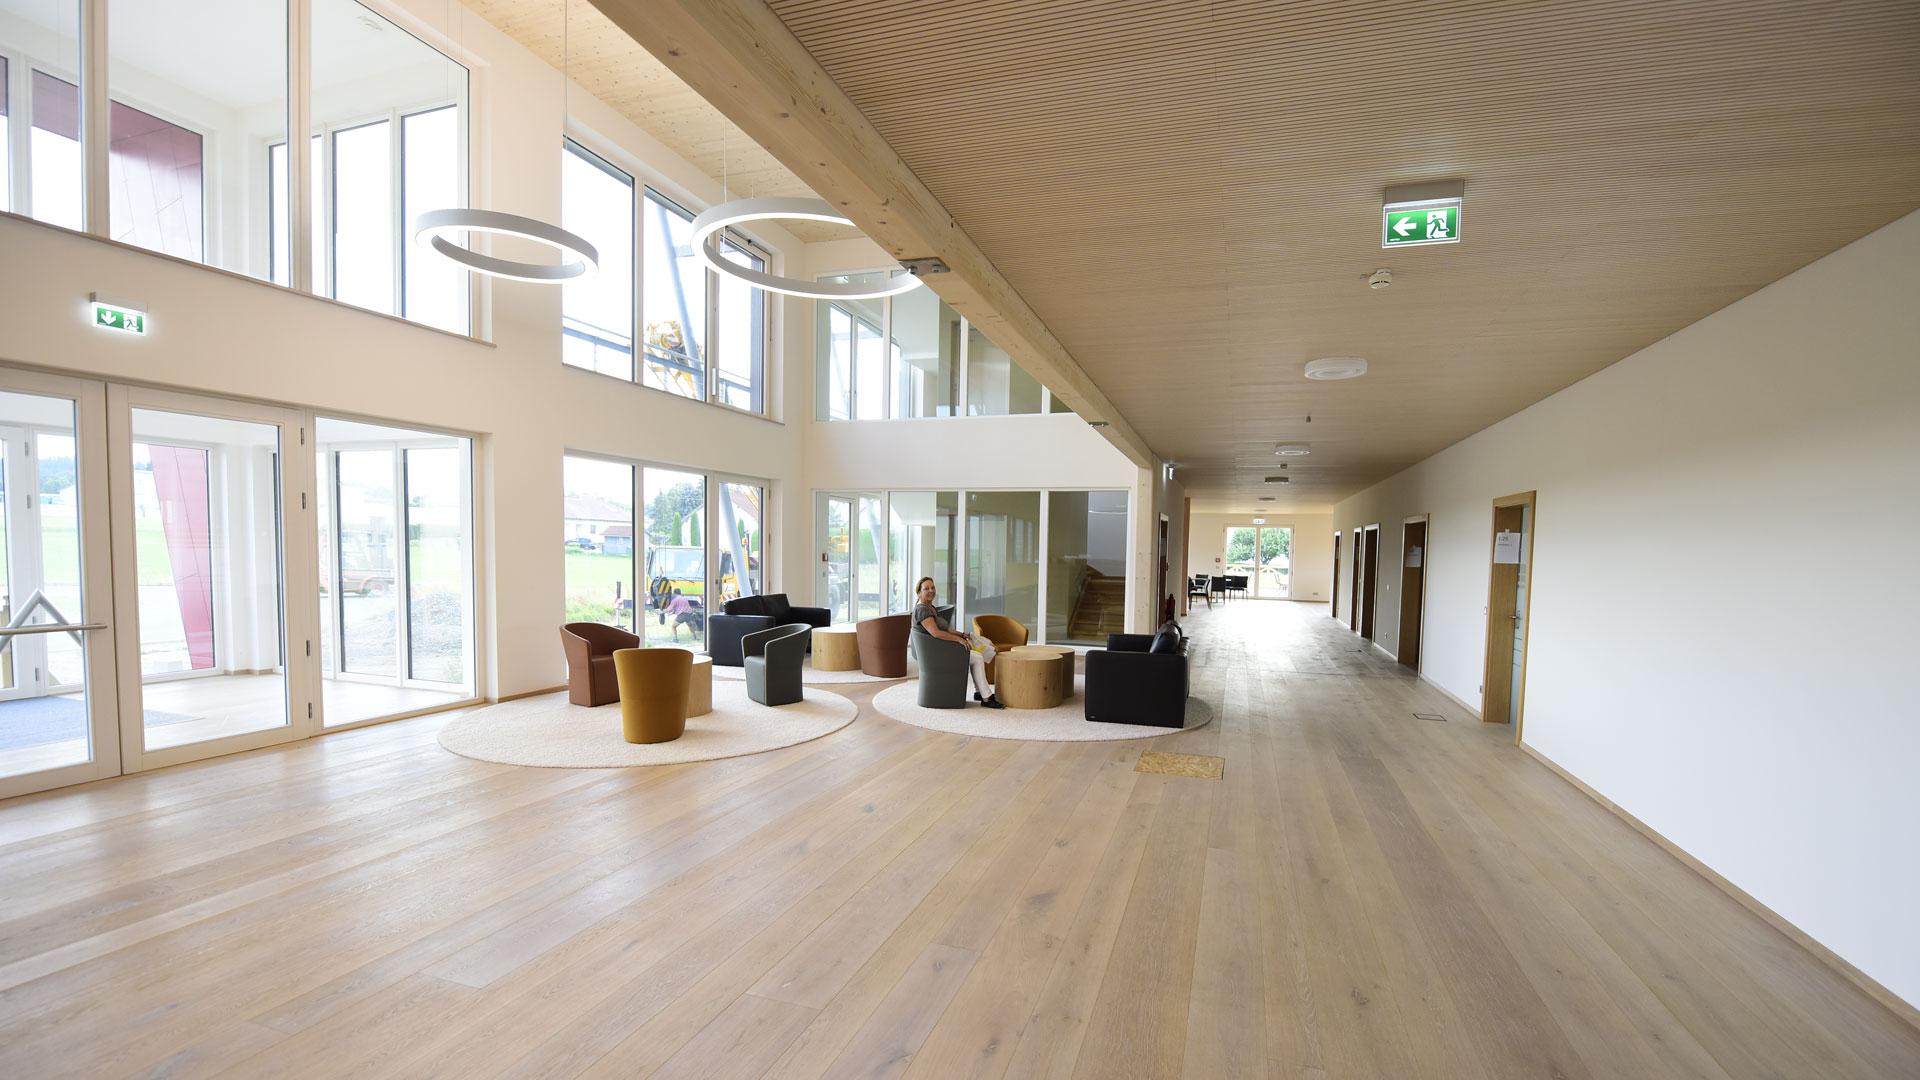 Foyer eines Firmengebäudes Lounge-Bereich und Fußboden aus natürlichen Materialien geplant und realisiert durch Innenarchitektin Barbara Jurk atelier8 in Frankfurt